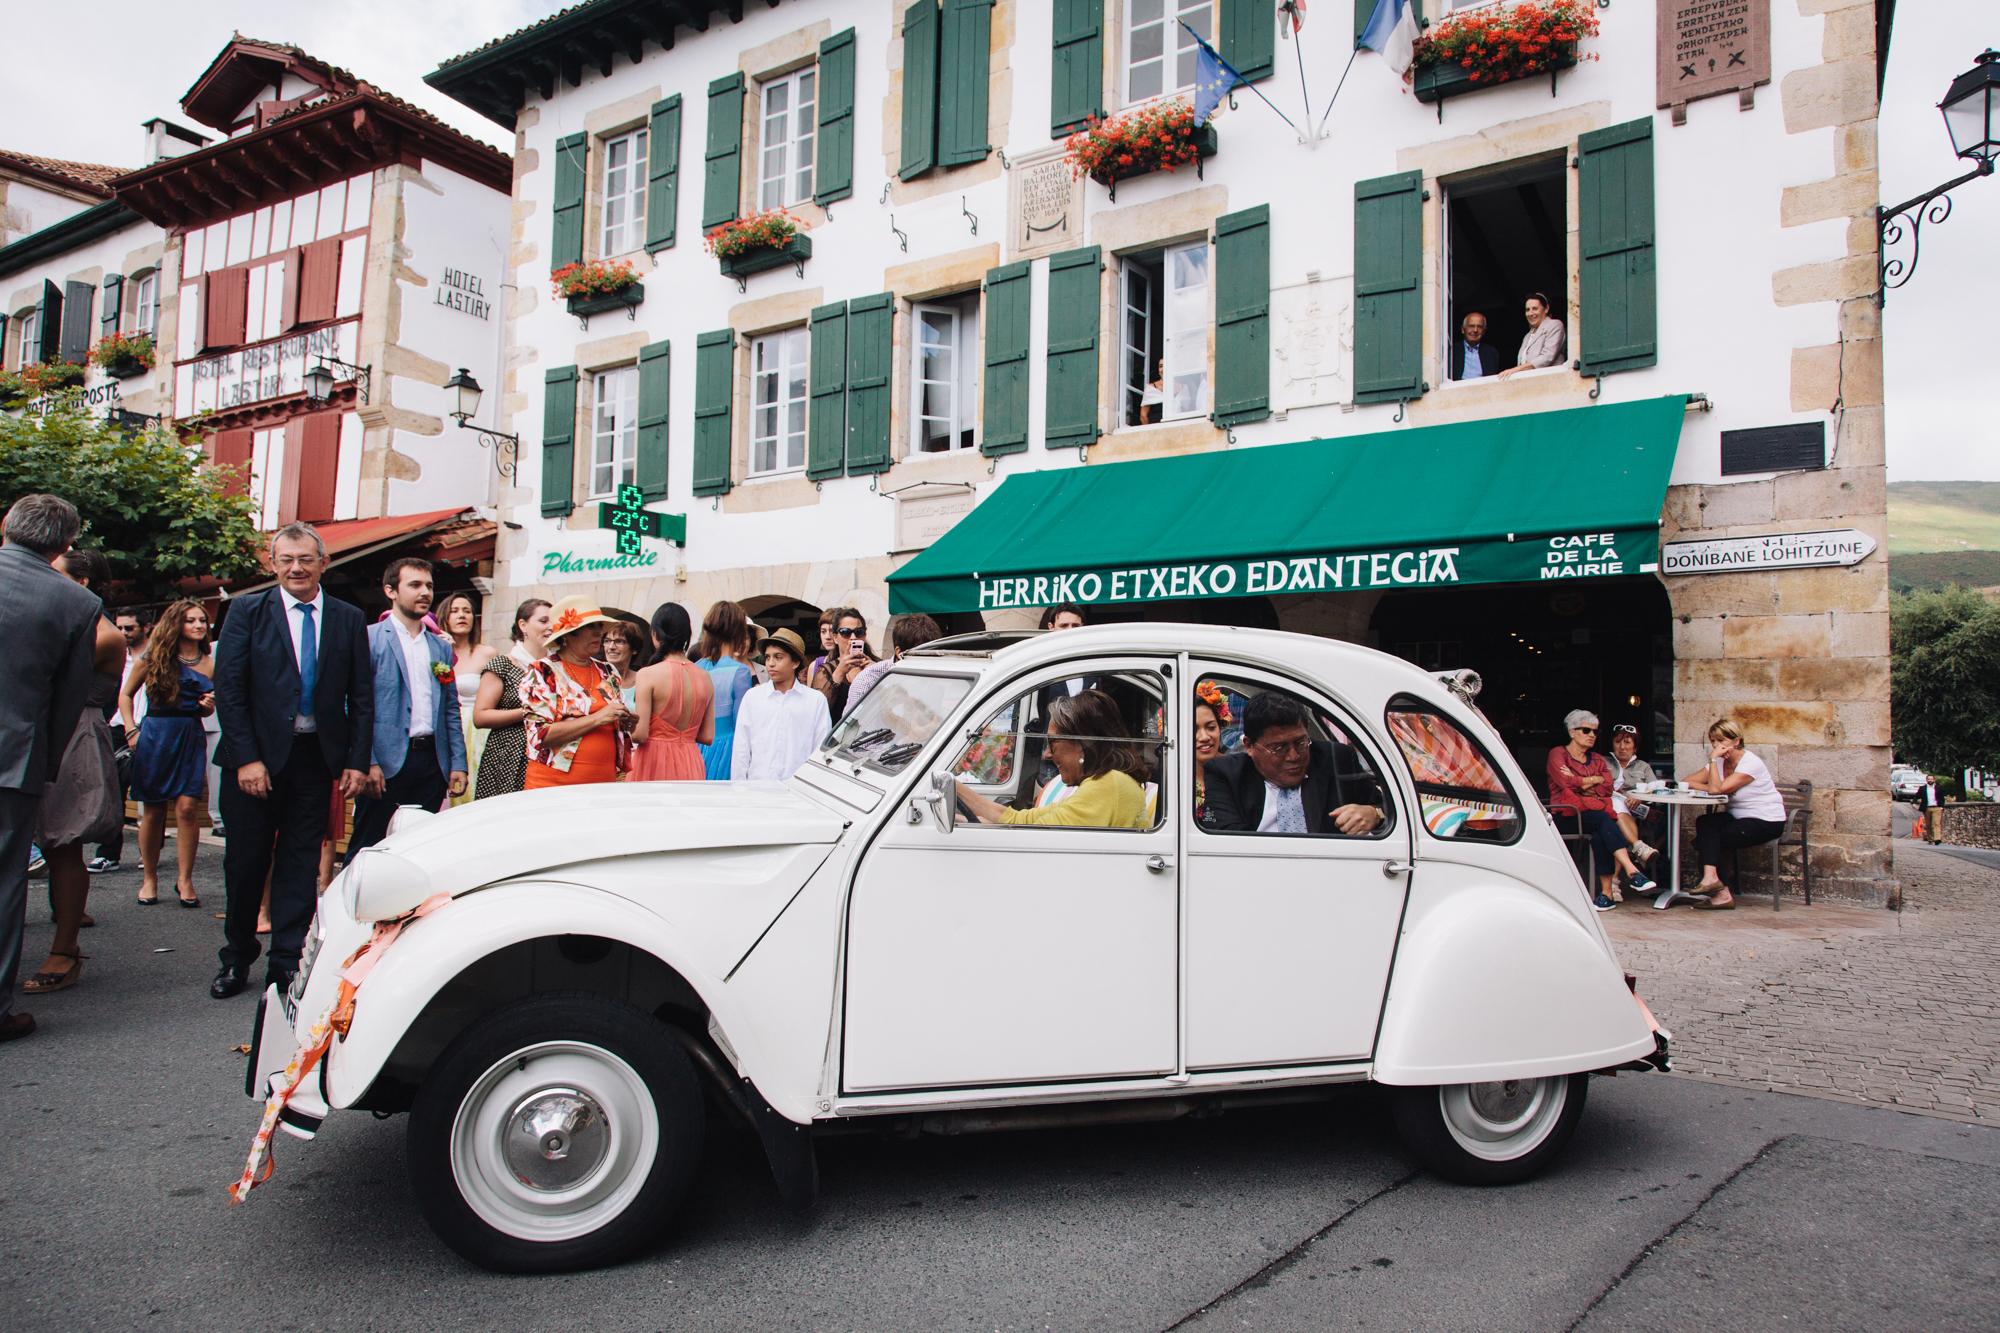 Hermione McCosh Photography - mariage détendu en France - voiture vintage